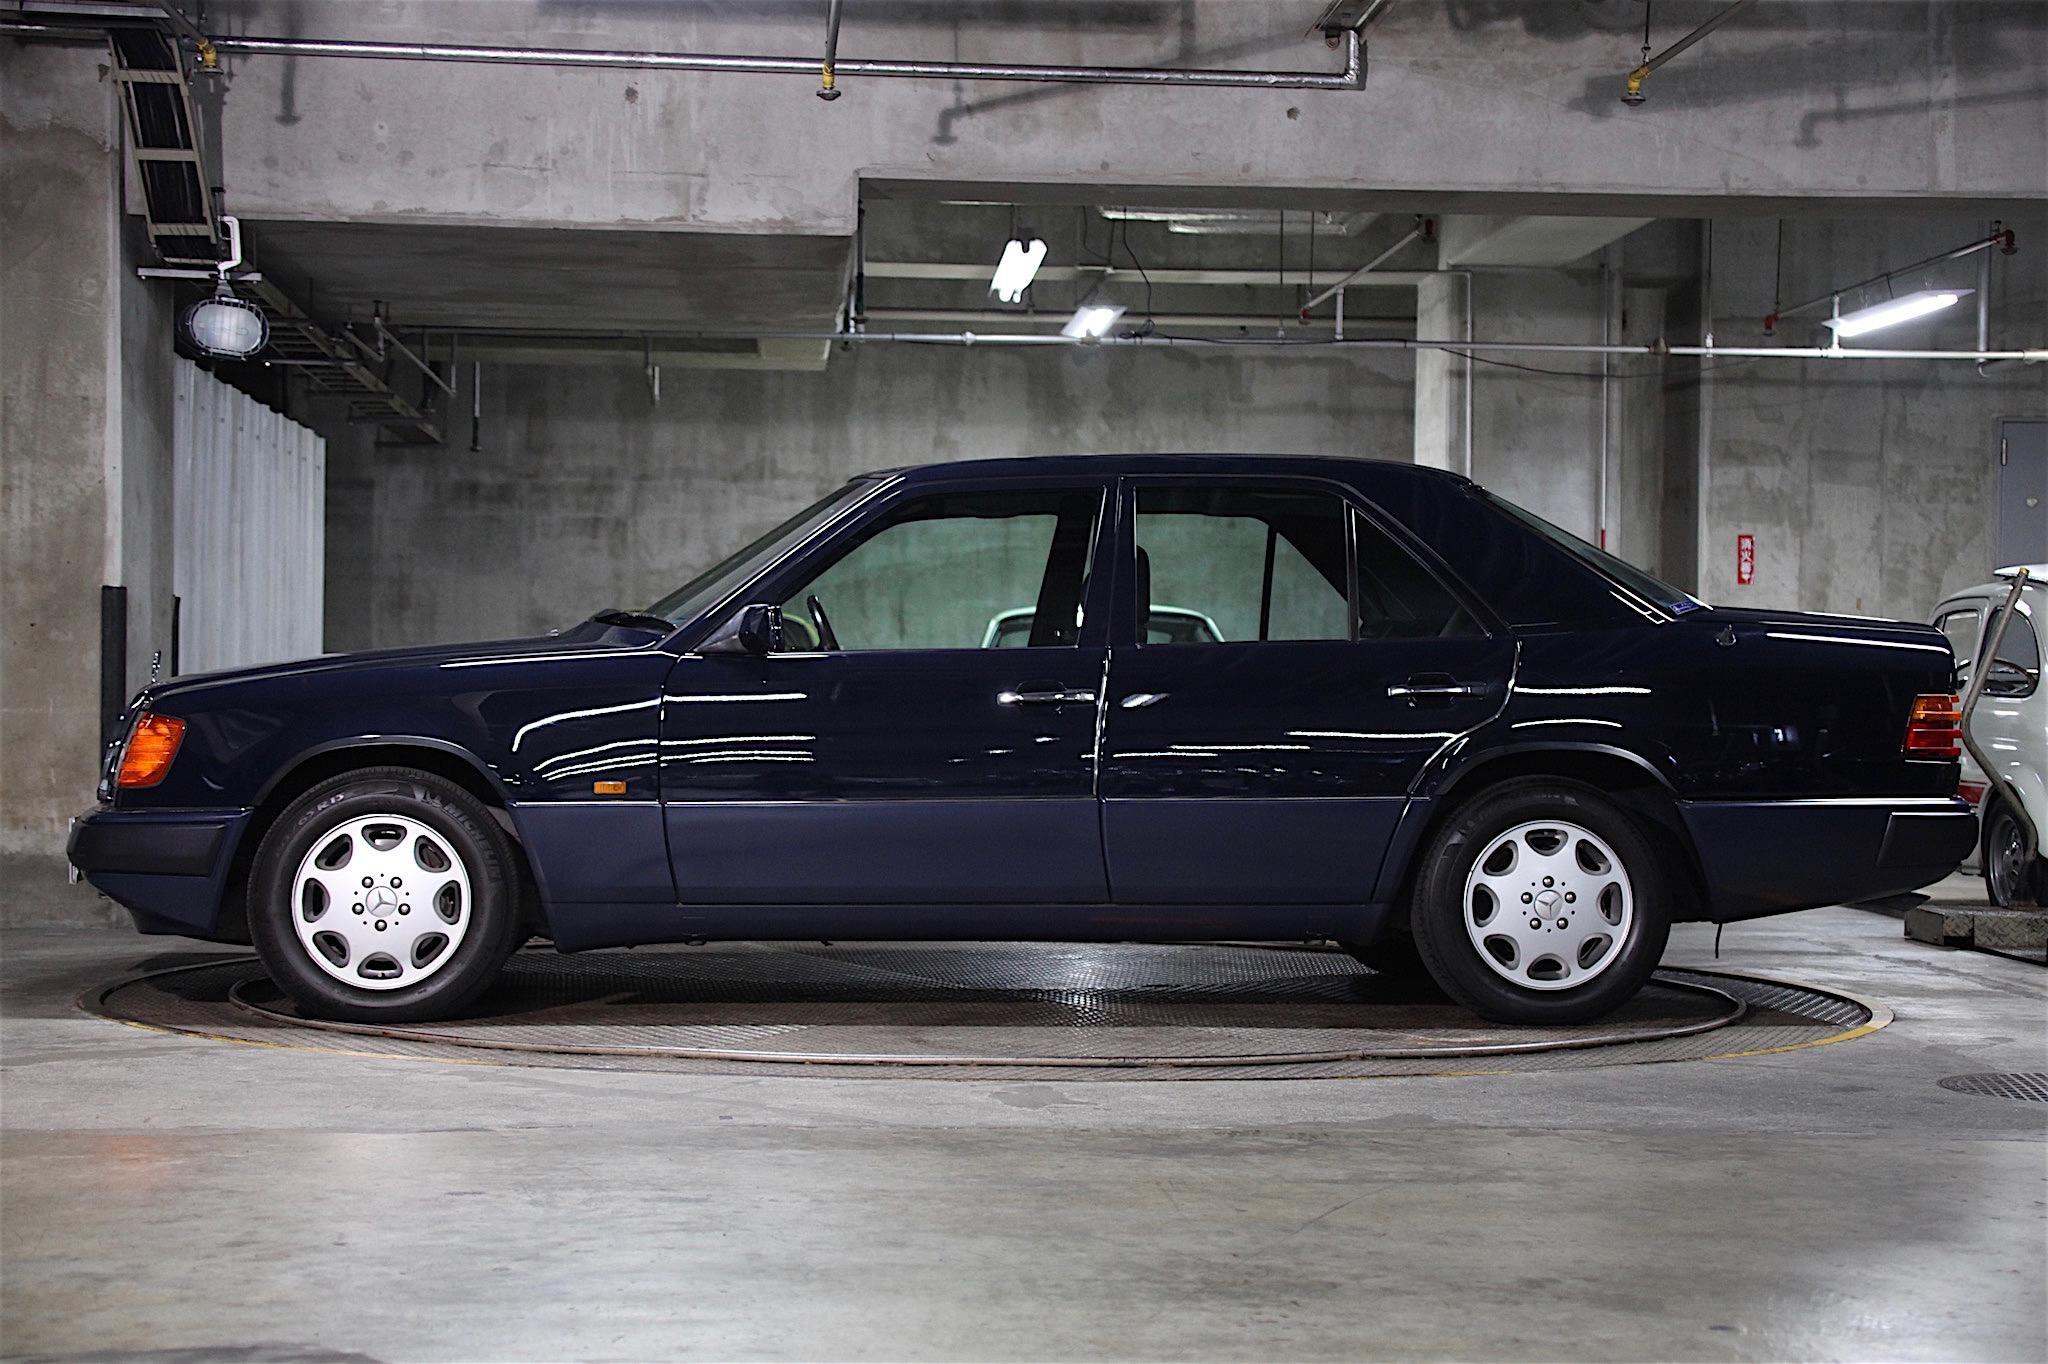 ヴィンテージカー販売 メルセデス・ベンツ400E